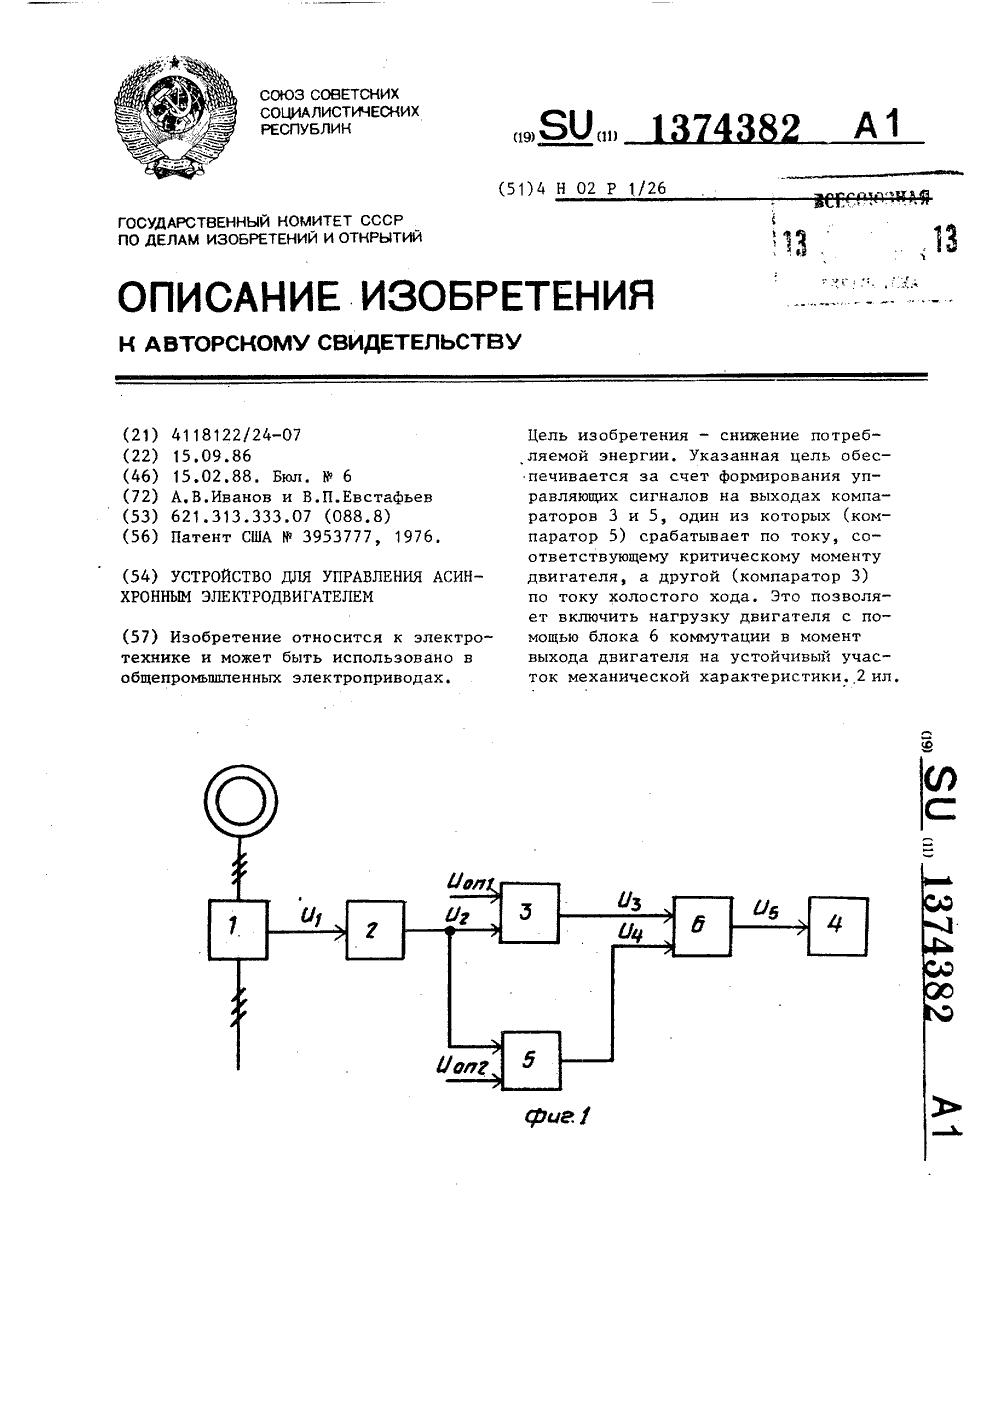 схема управления реверсивным двигателем с нумерацией